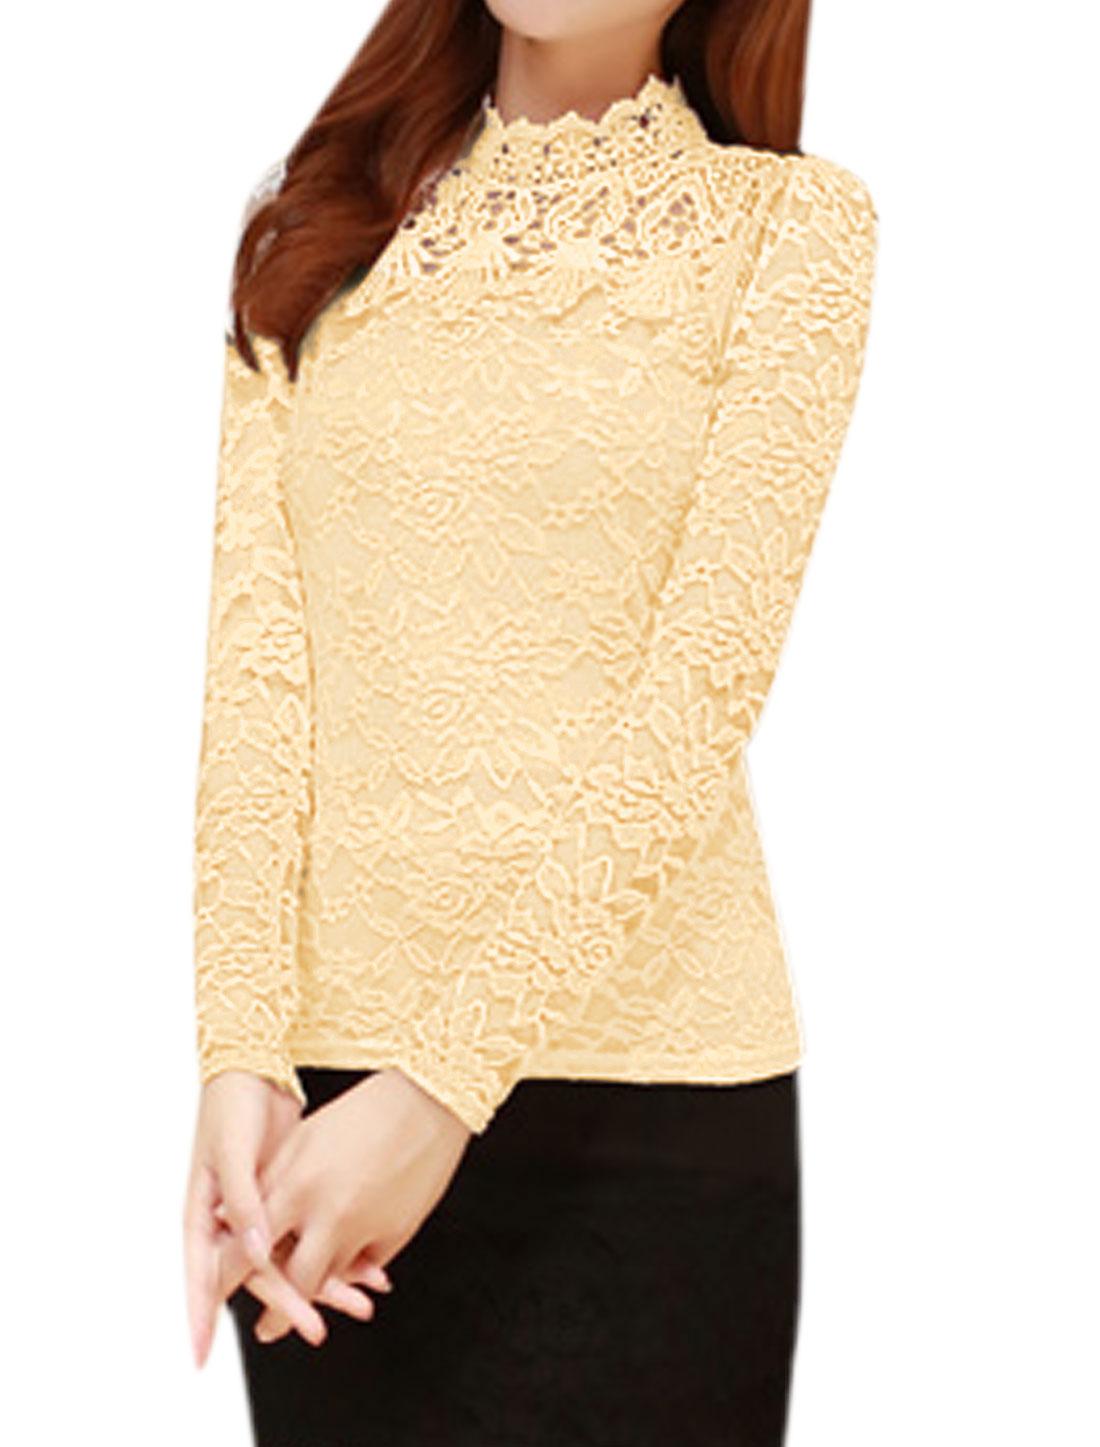 Women Soft Lined Crochet Floral Lace Slim Fit Blouse Beige M